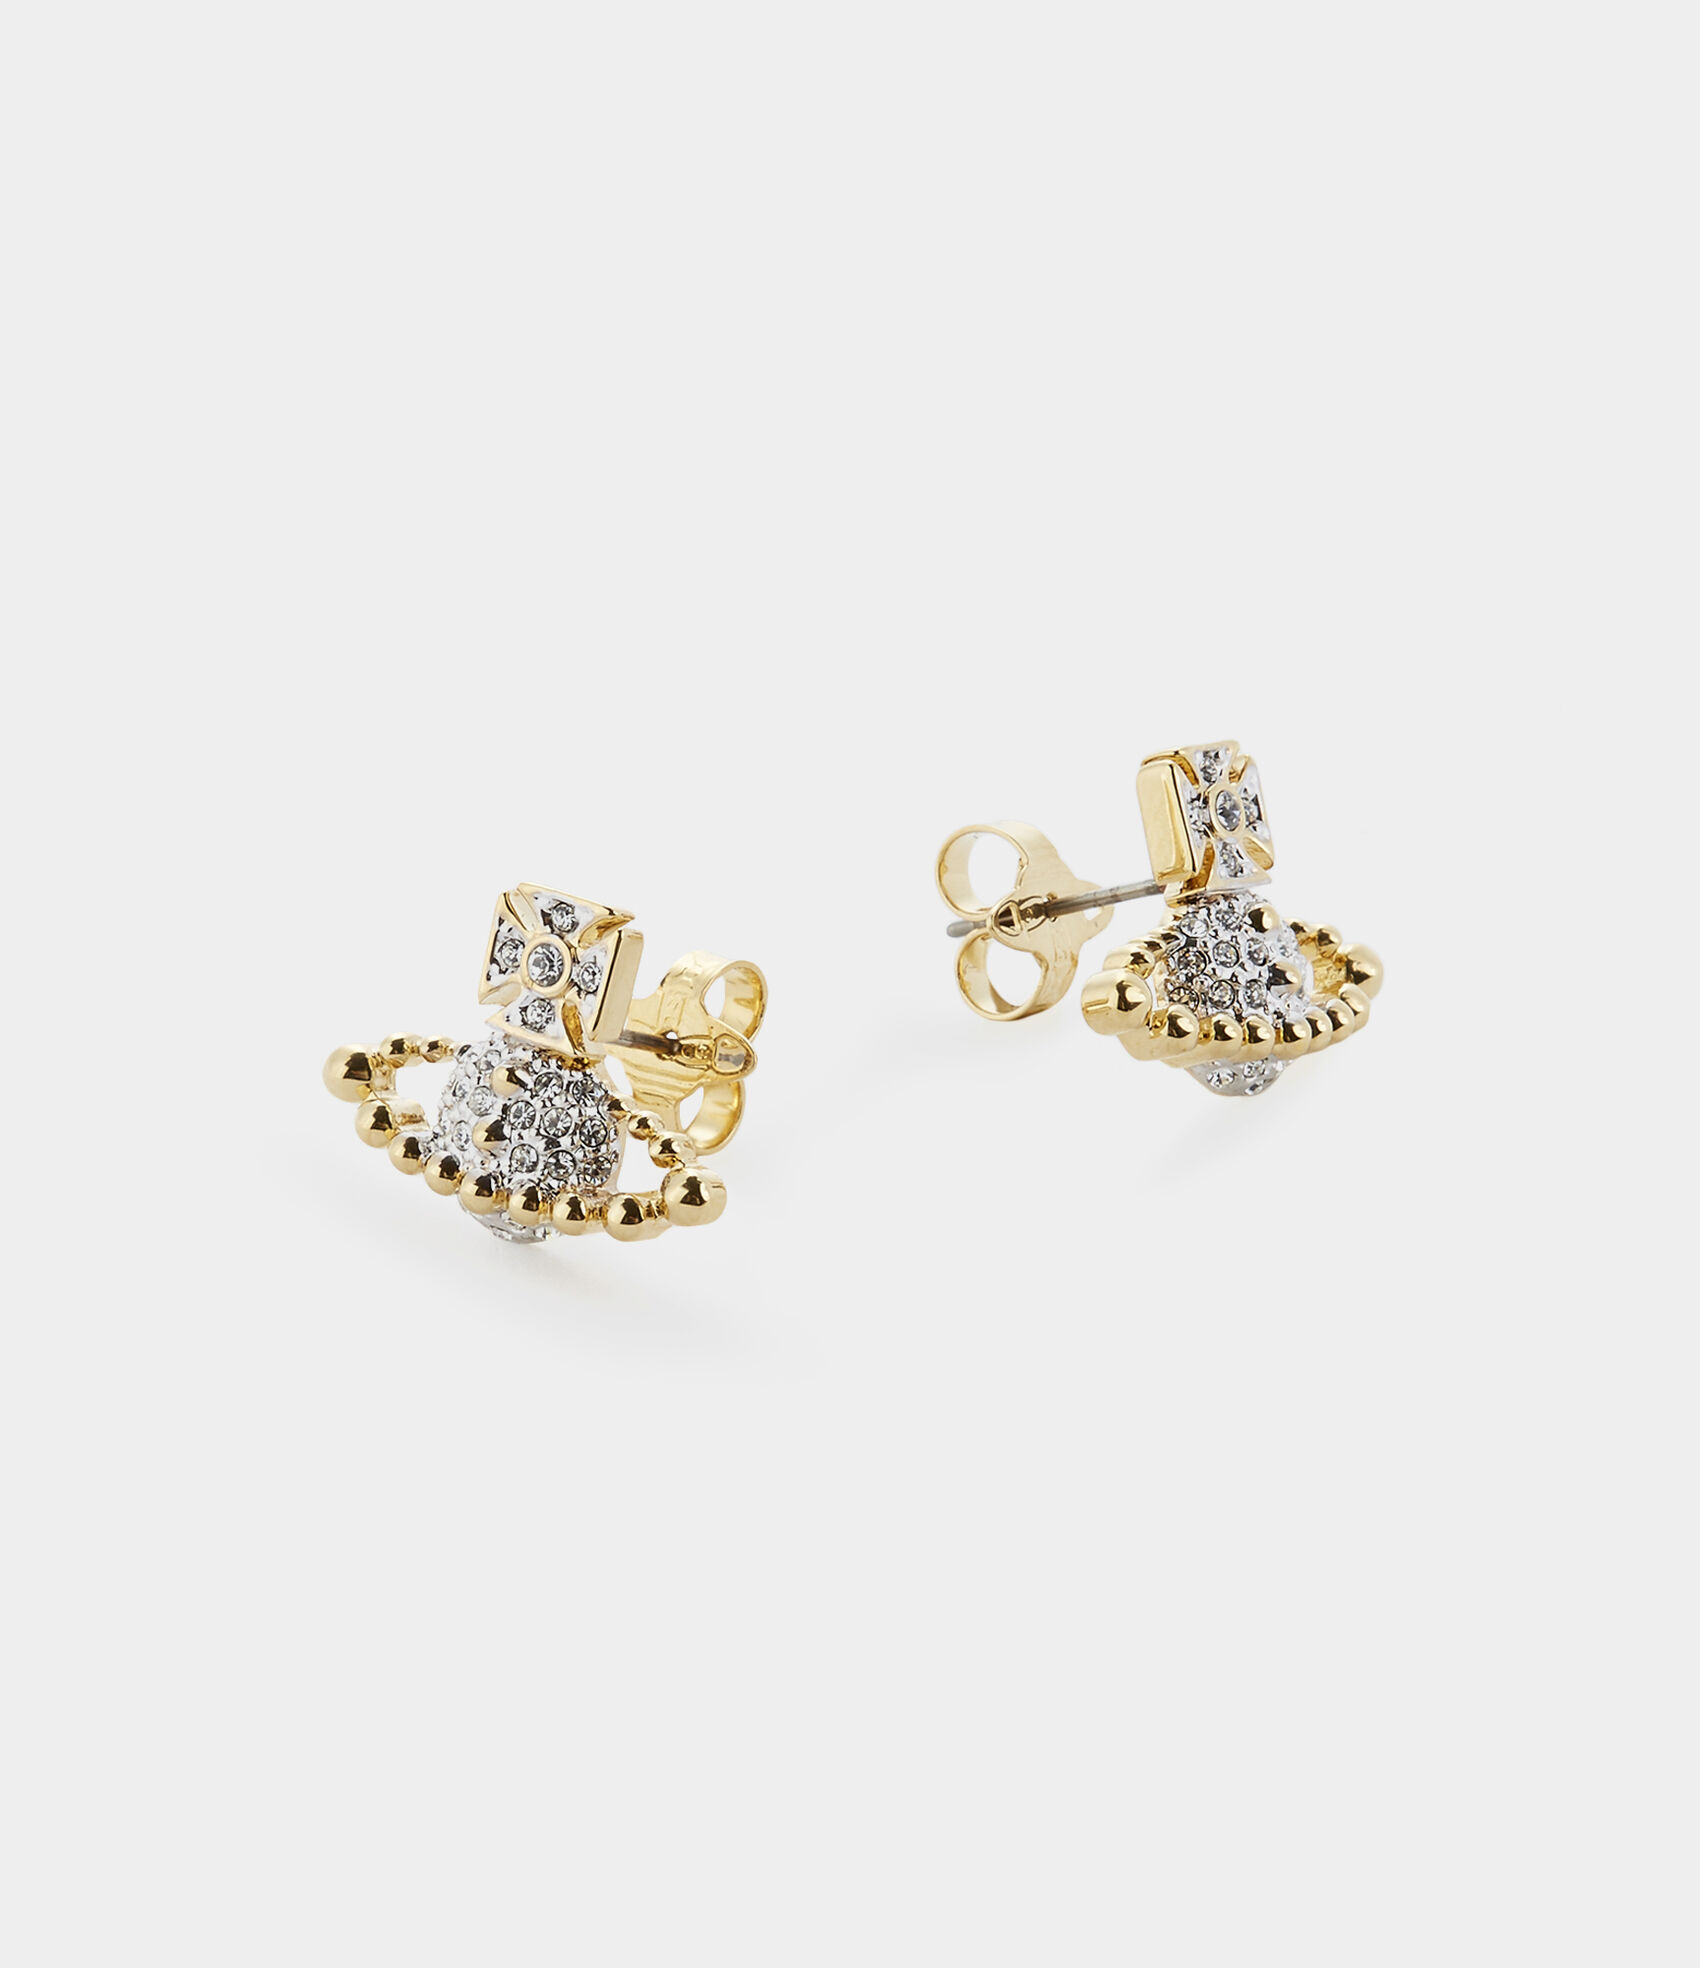 be656dd7e4a17a Vivienne Westwood Earrings   Women's Jewellery   Vivienne Westwood - Lena  Bas Relief Earrings Gold/Silver Tone